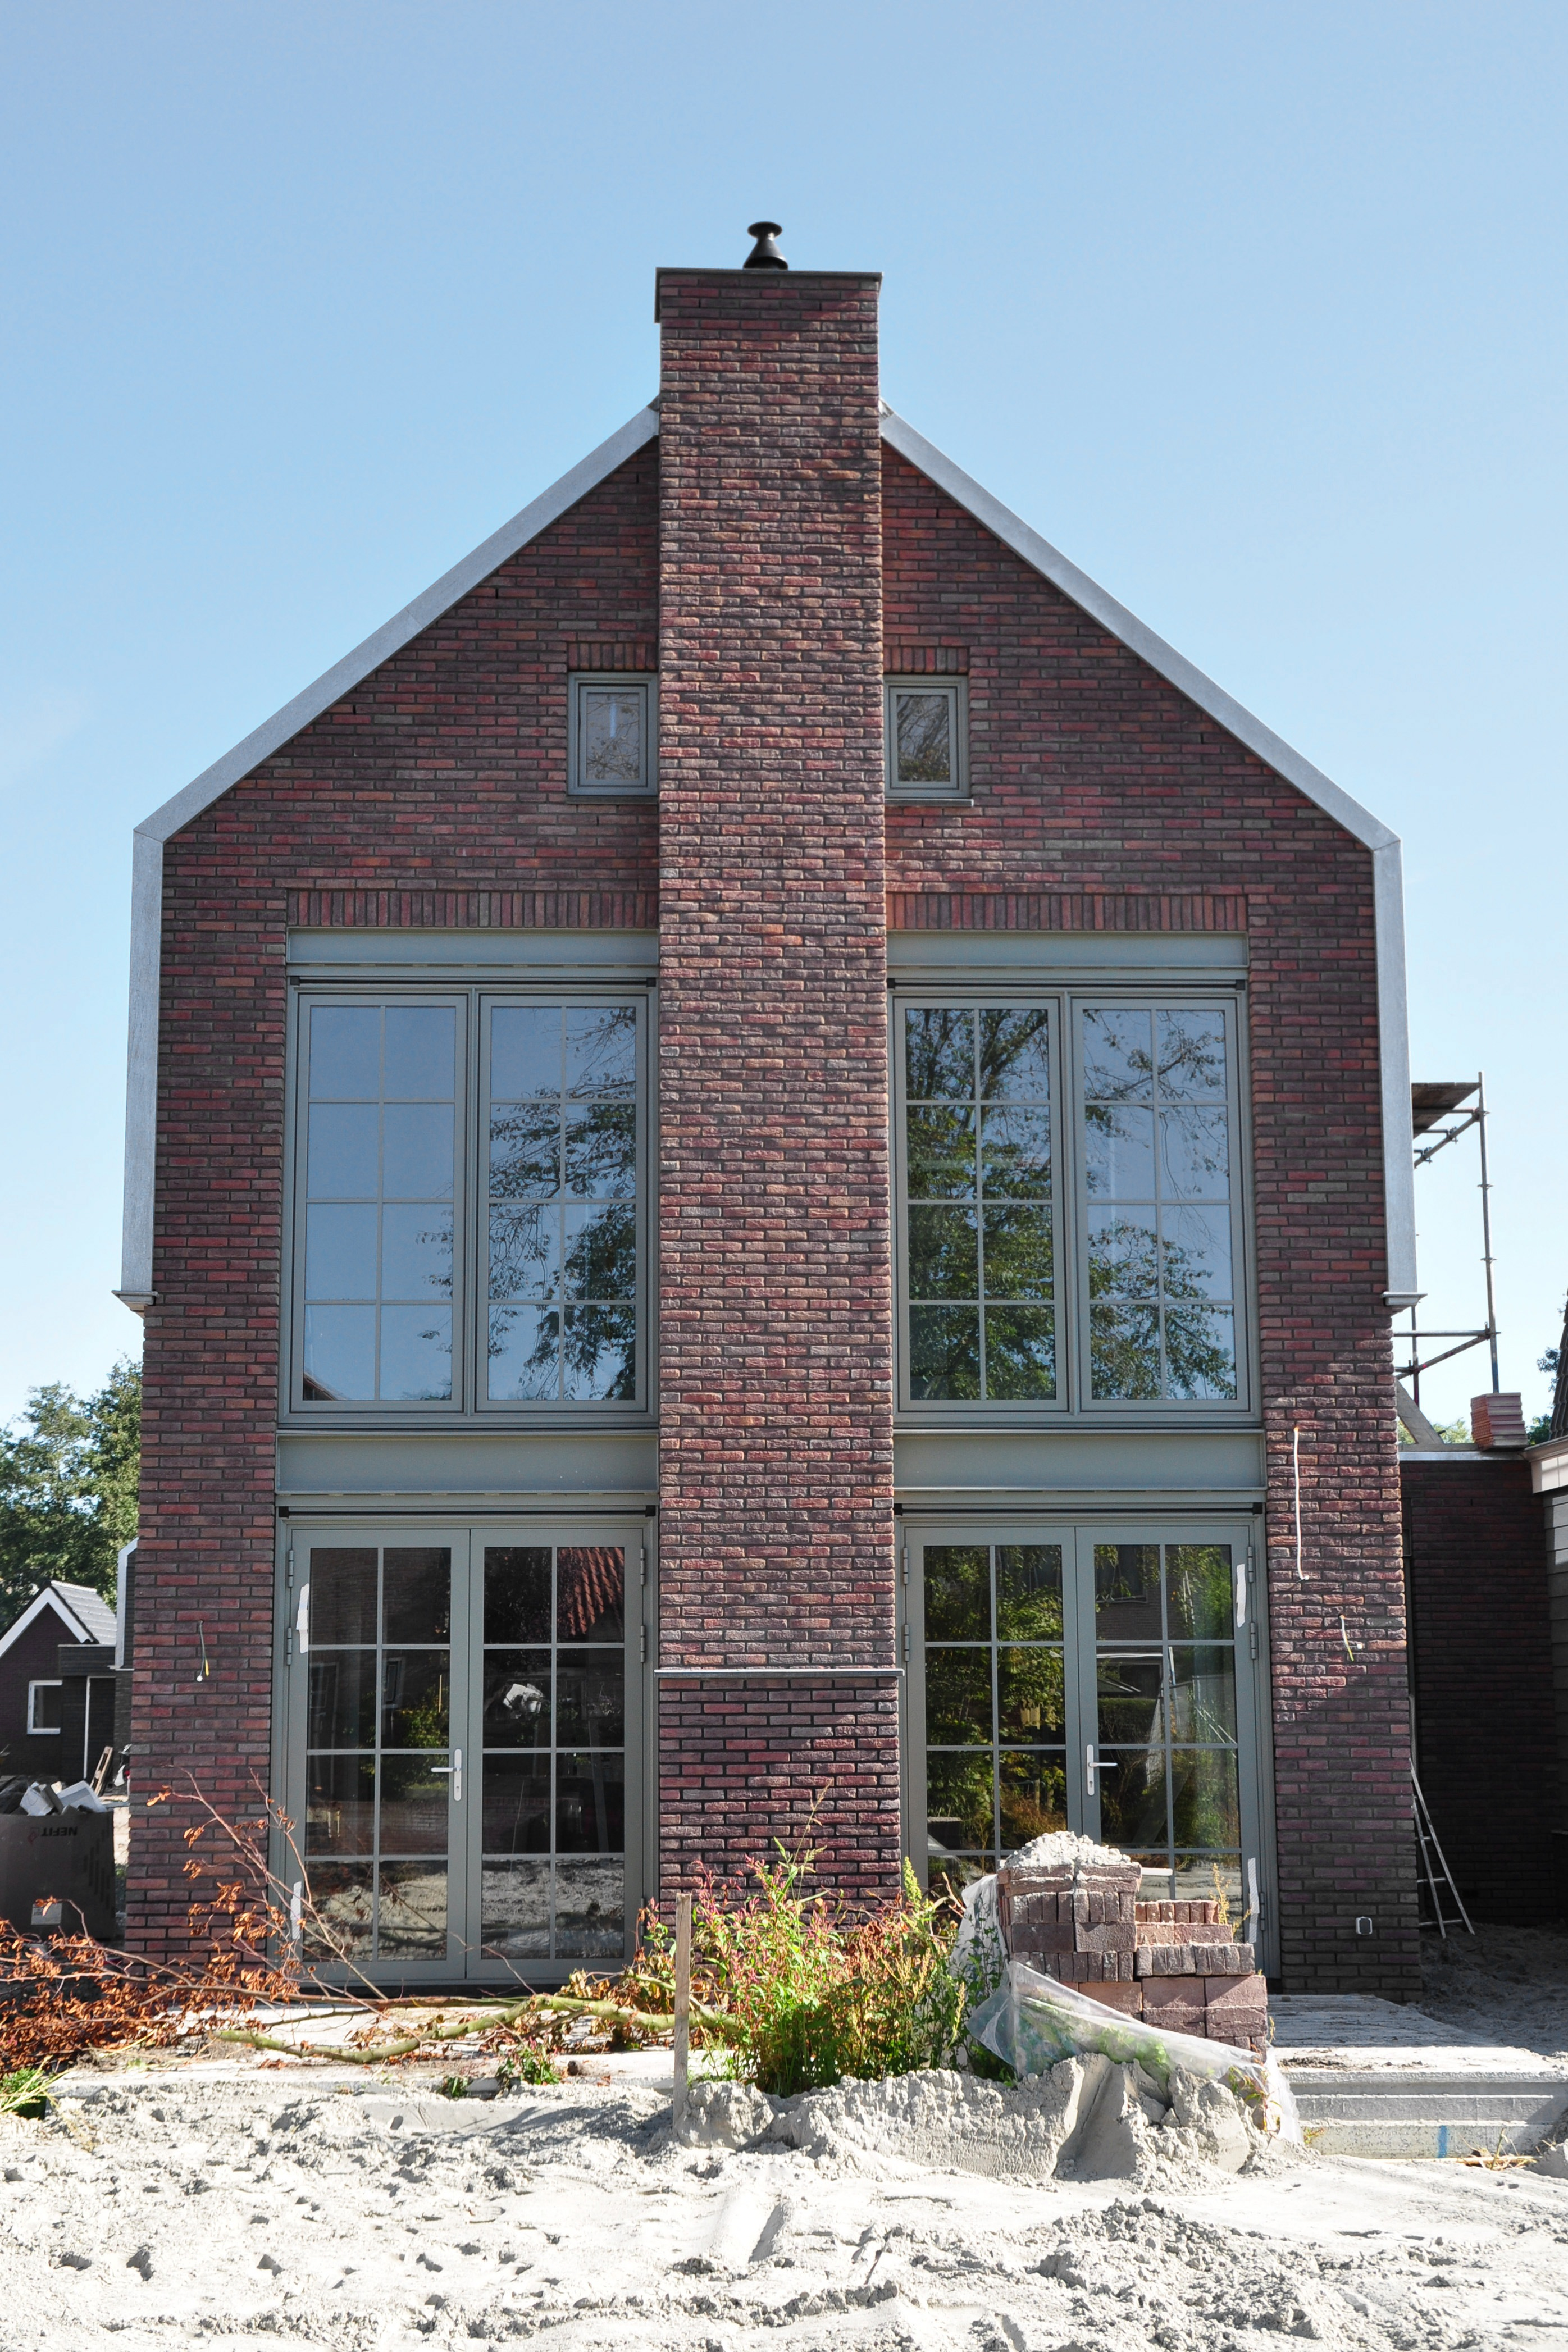 Nieuwbouw pakhuis woning oxhoofdpad langedijk moderne woning nico dekker ontwerp bouwkunde - Ontwerp jaren ...